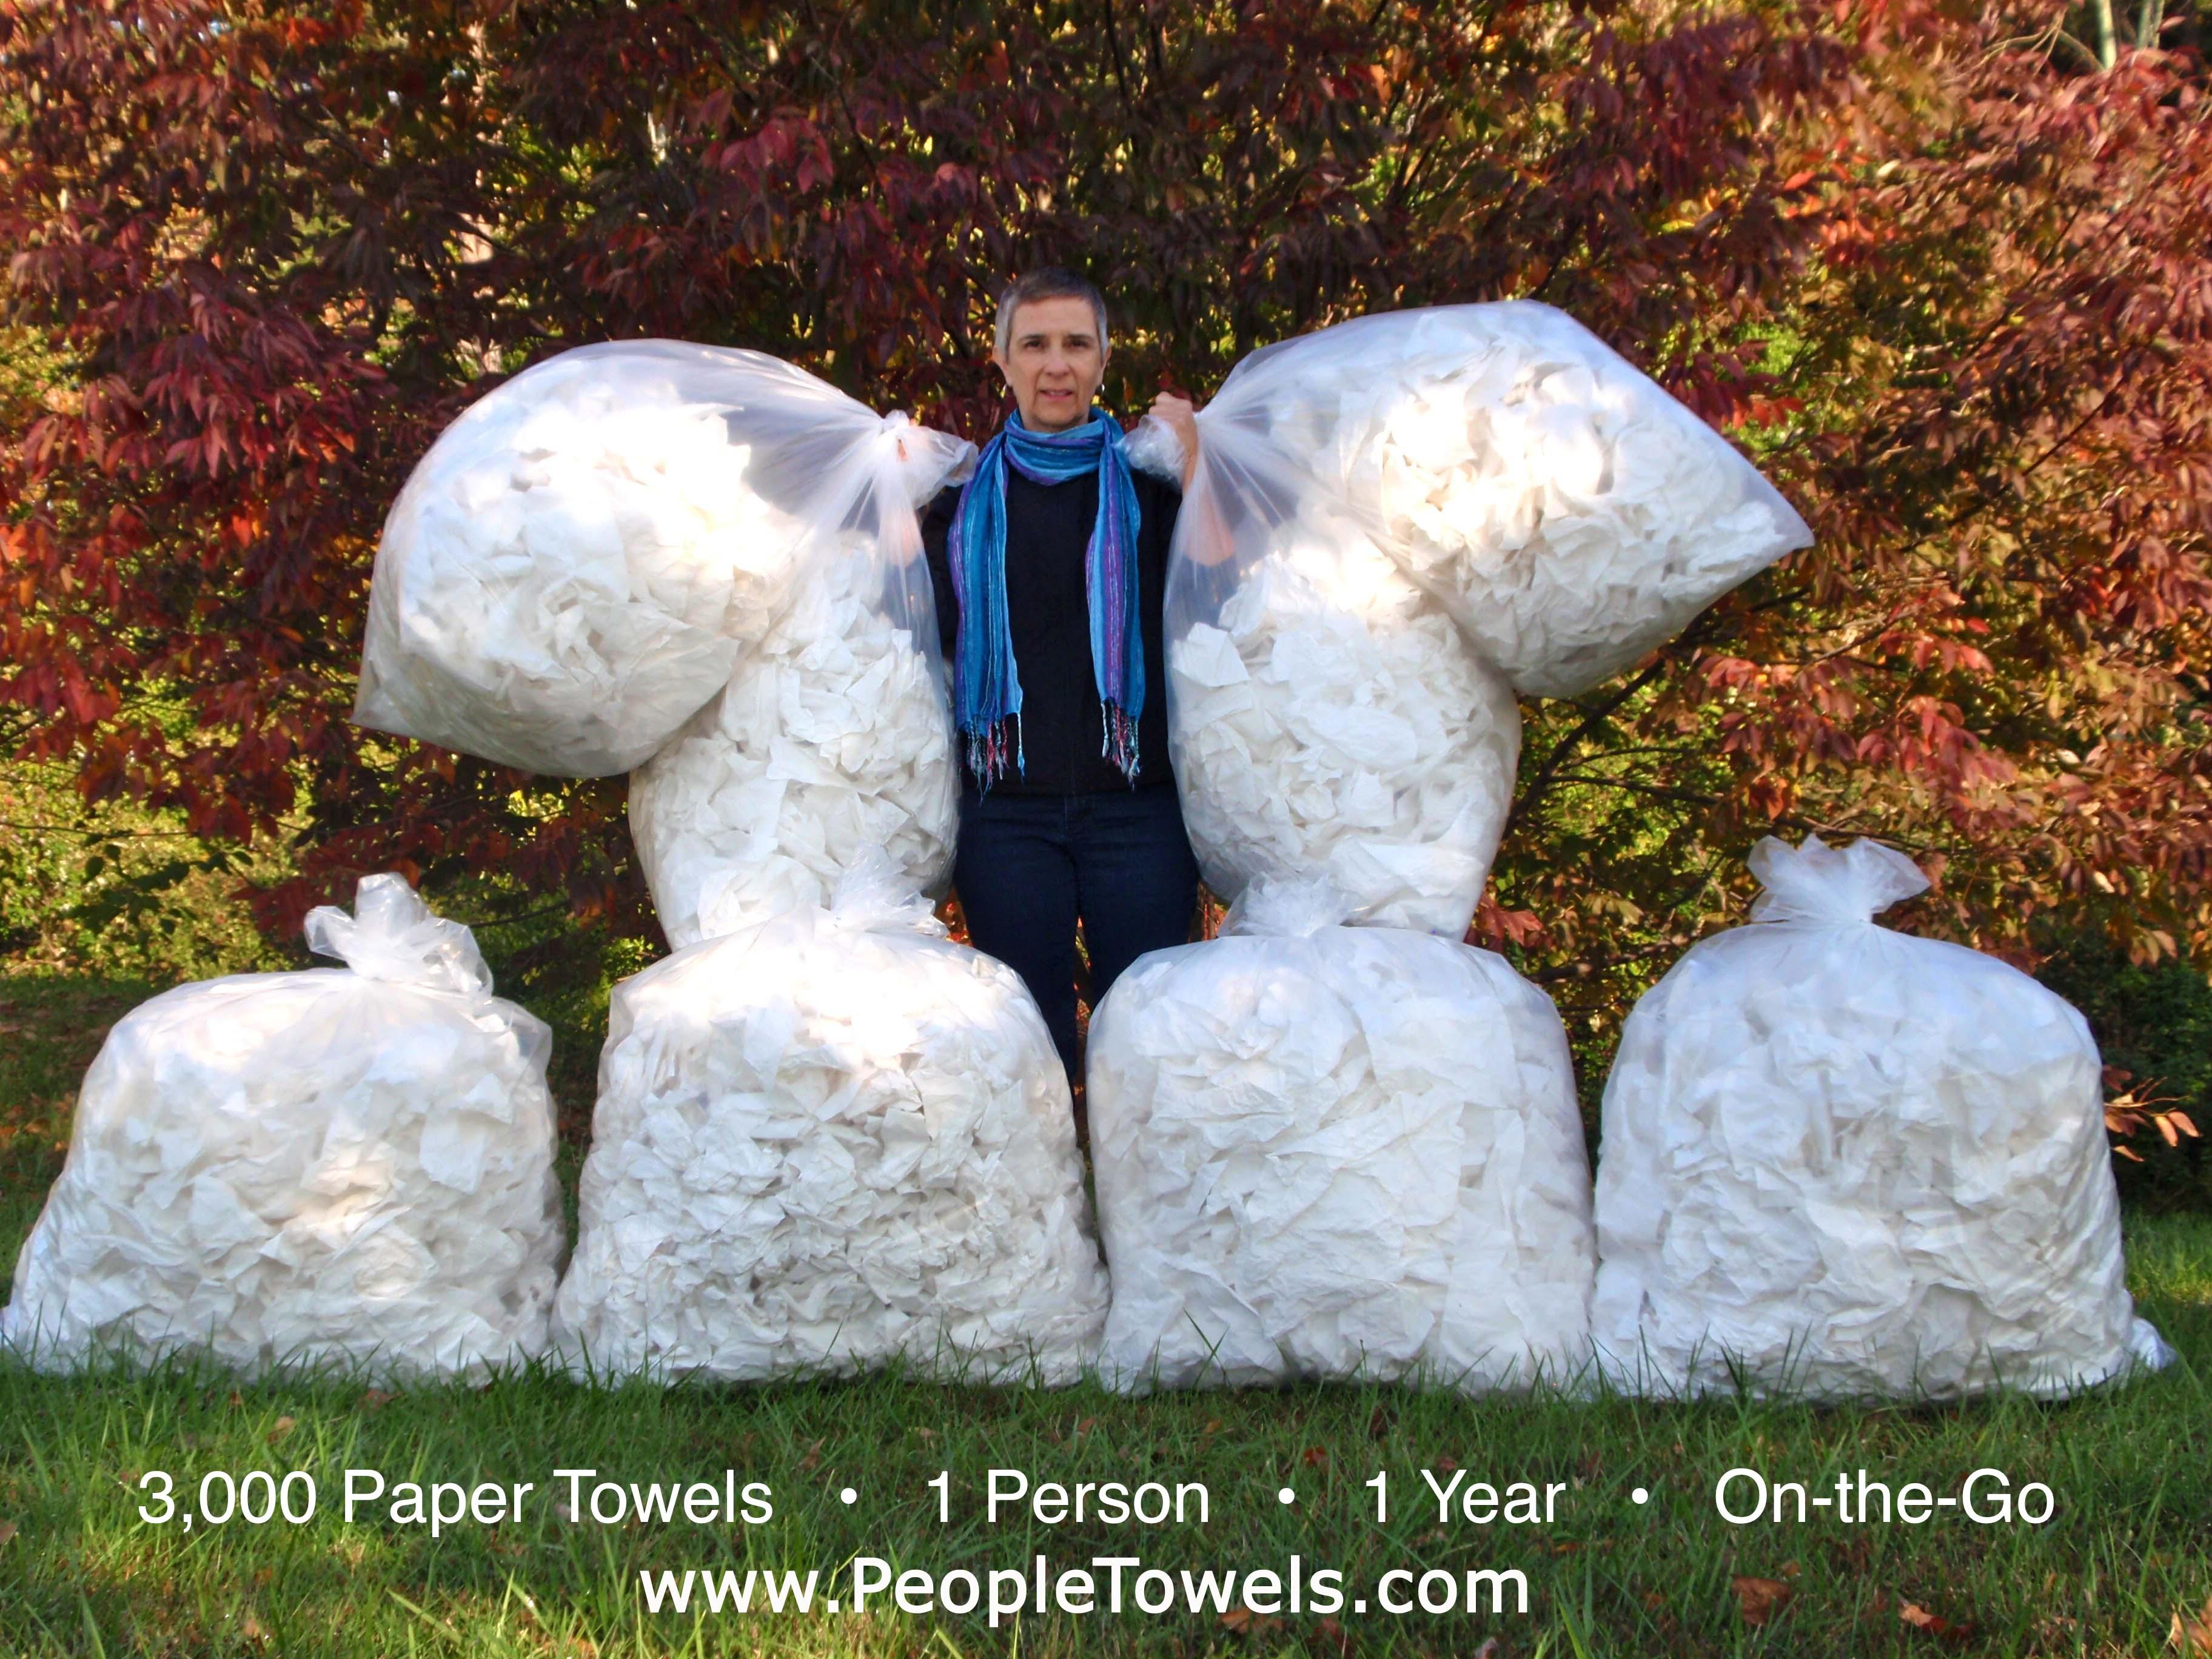 Koliko papirnatih ubrusa koristimo?